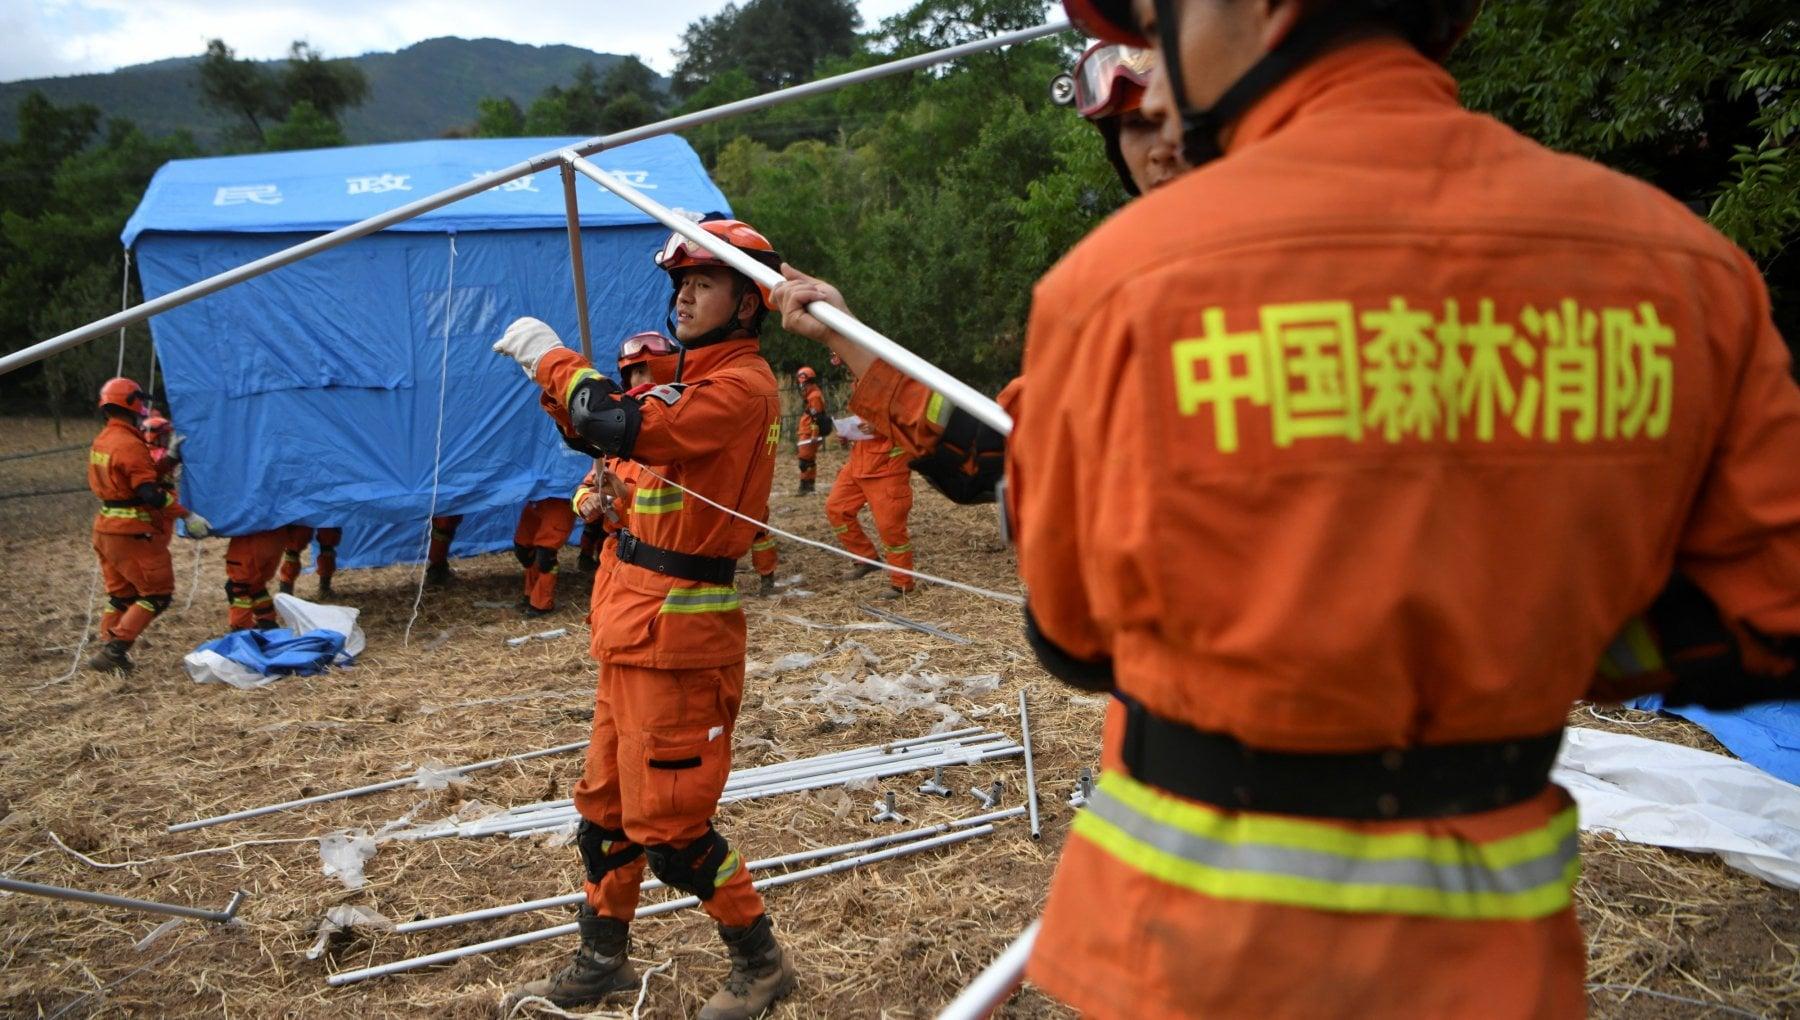 072001156 e86da549 b6d9 4246 b356 32ef62d54967 - Cina: terremoto a Qinghai e Yunnan, decine di migliaia evacuati, 3 morti e 27 feriti